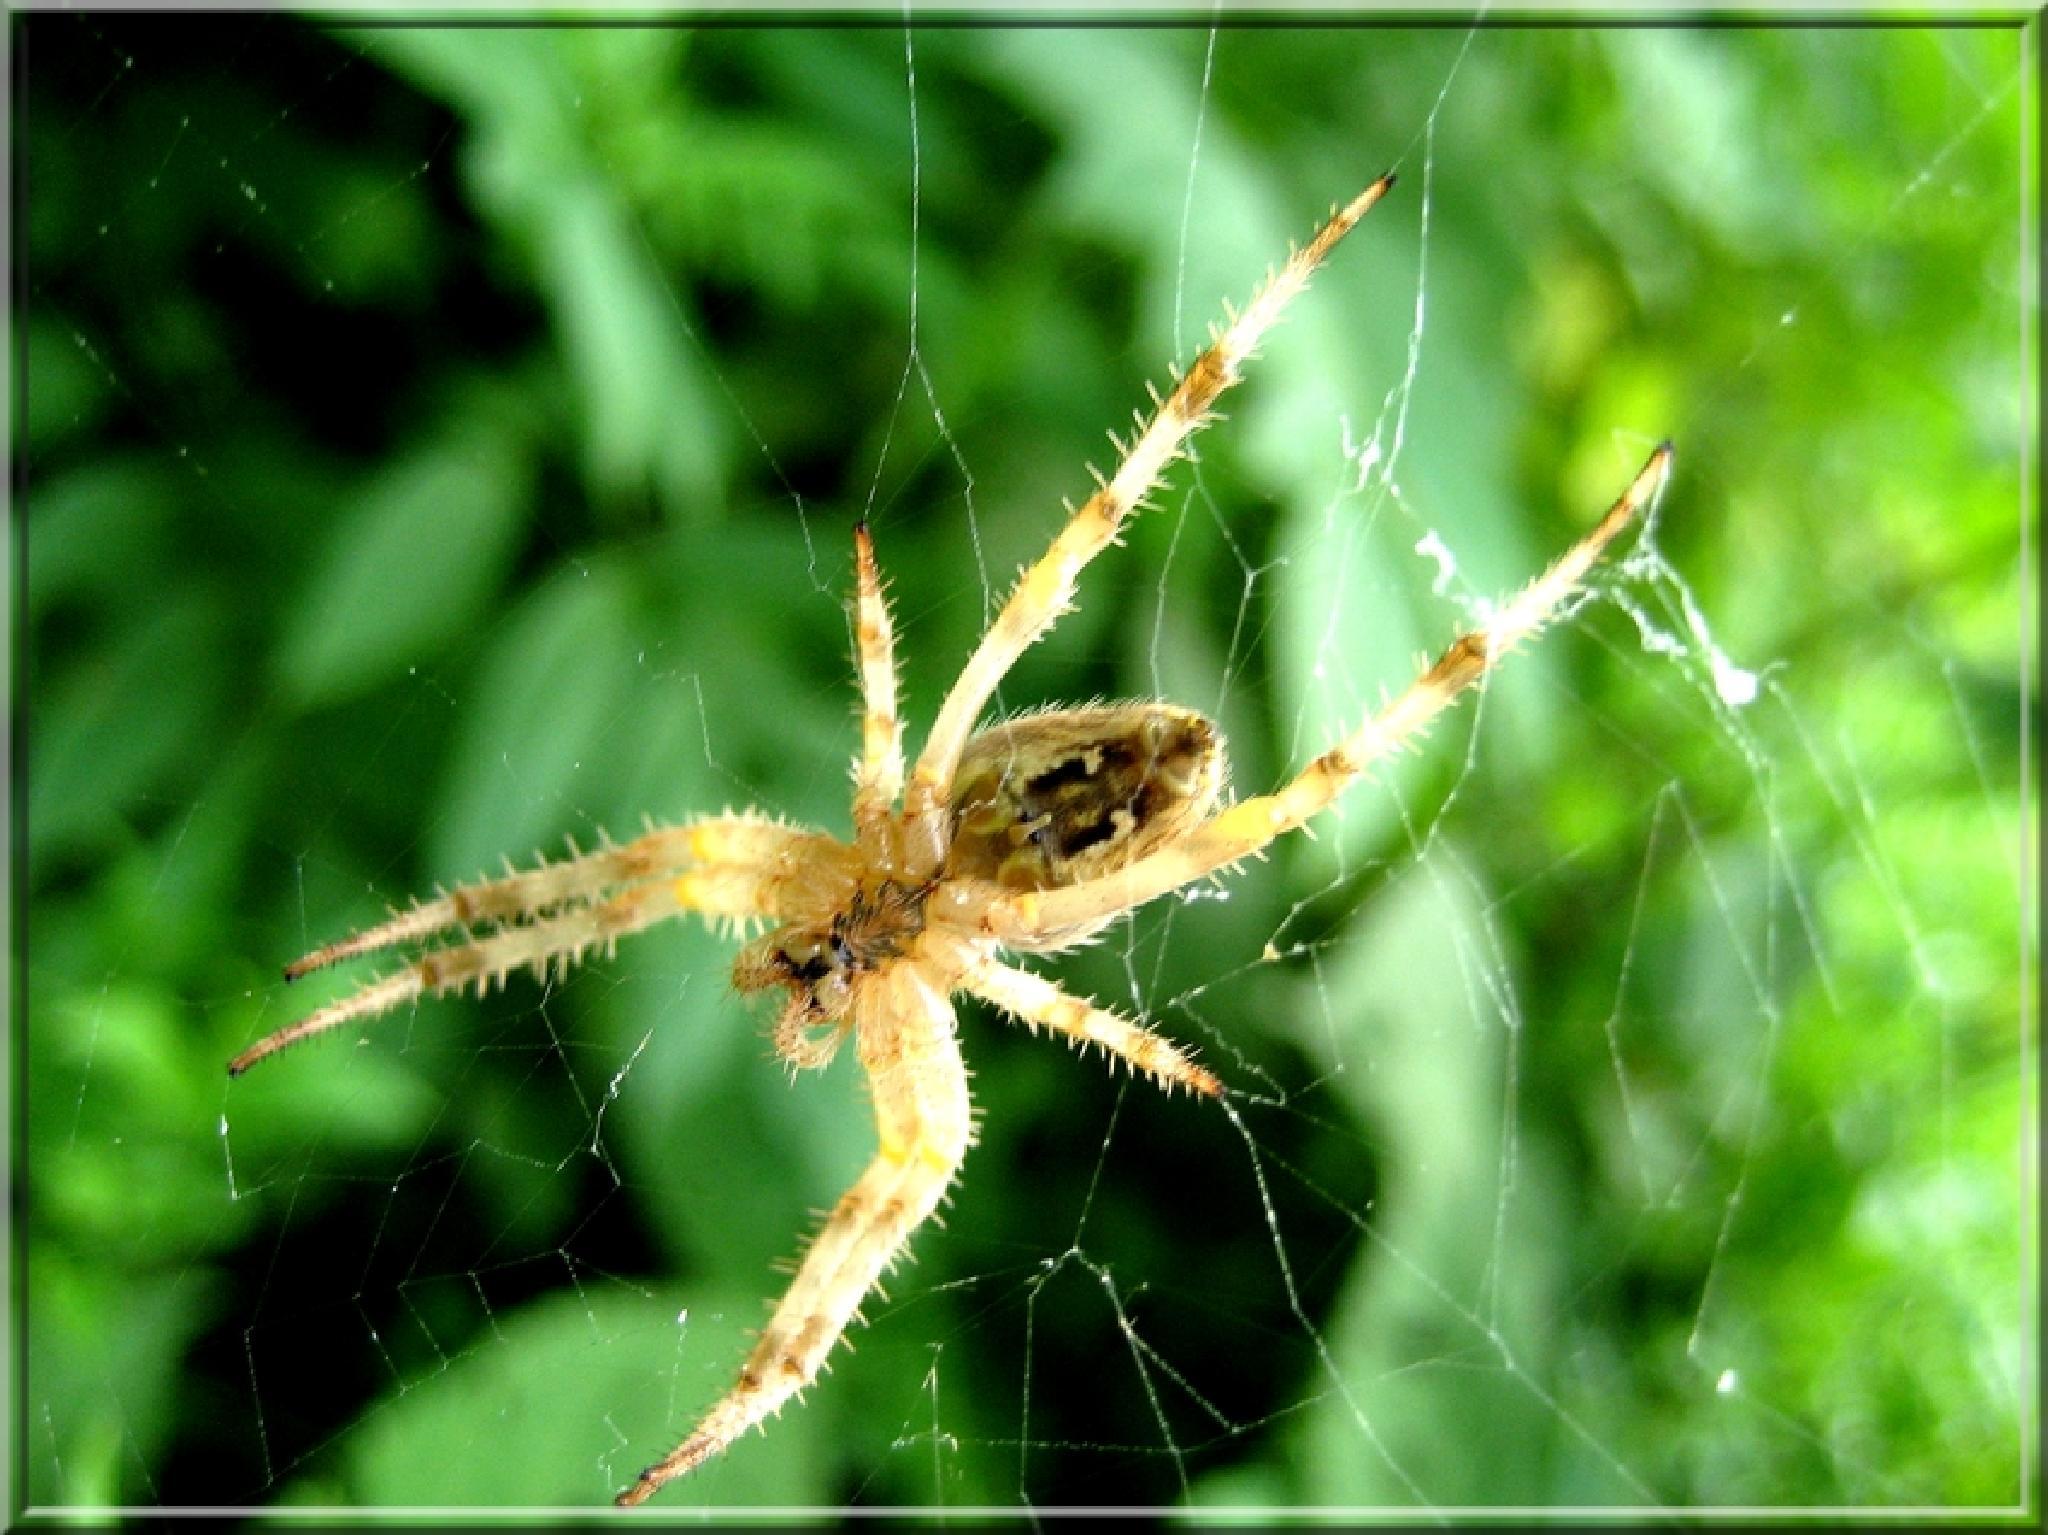 il ragno  by biafrano1960